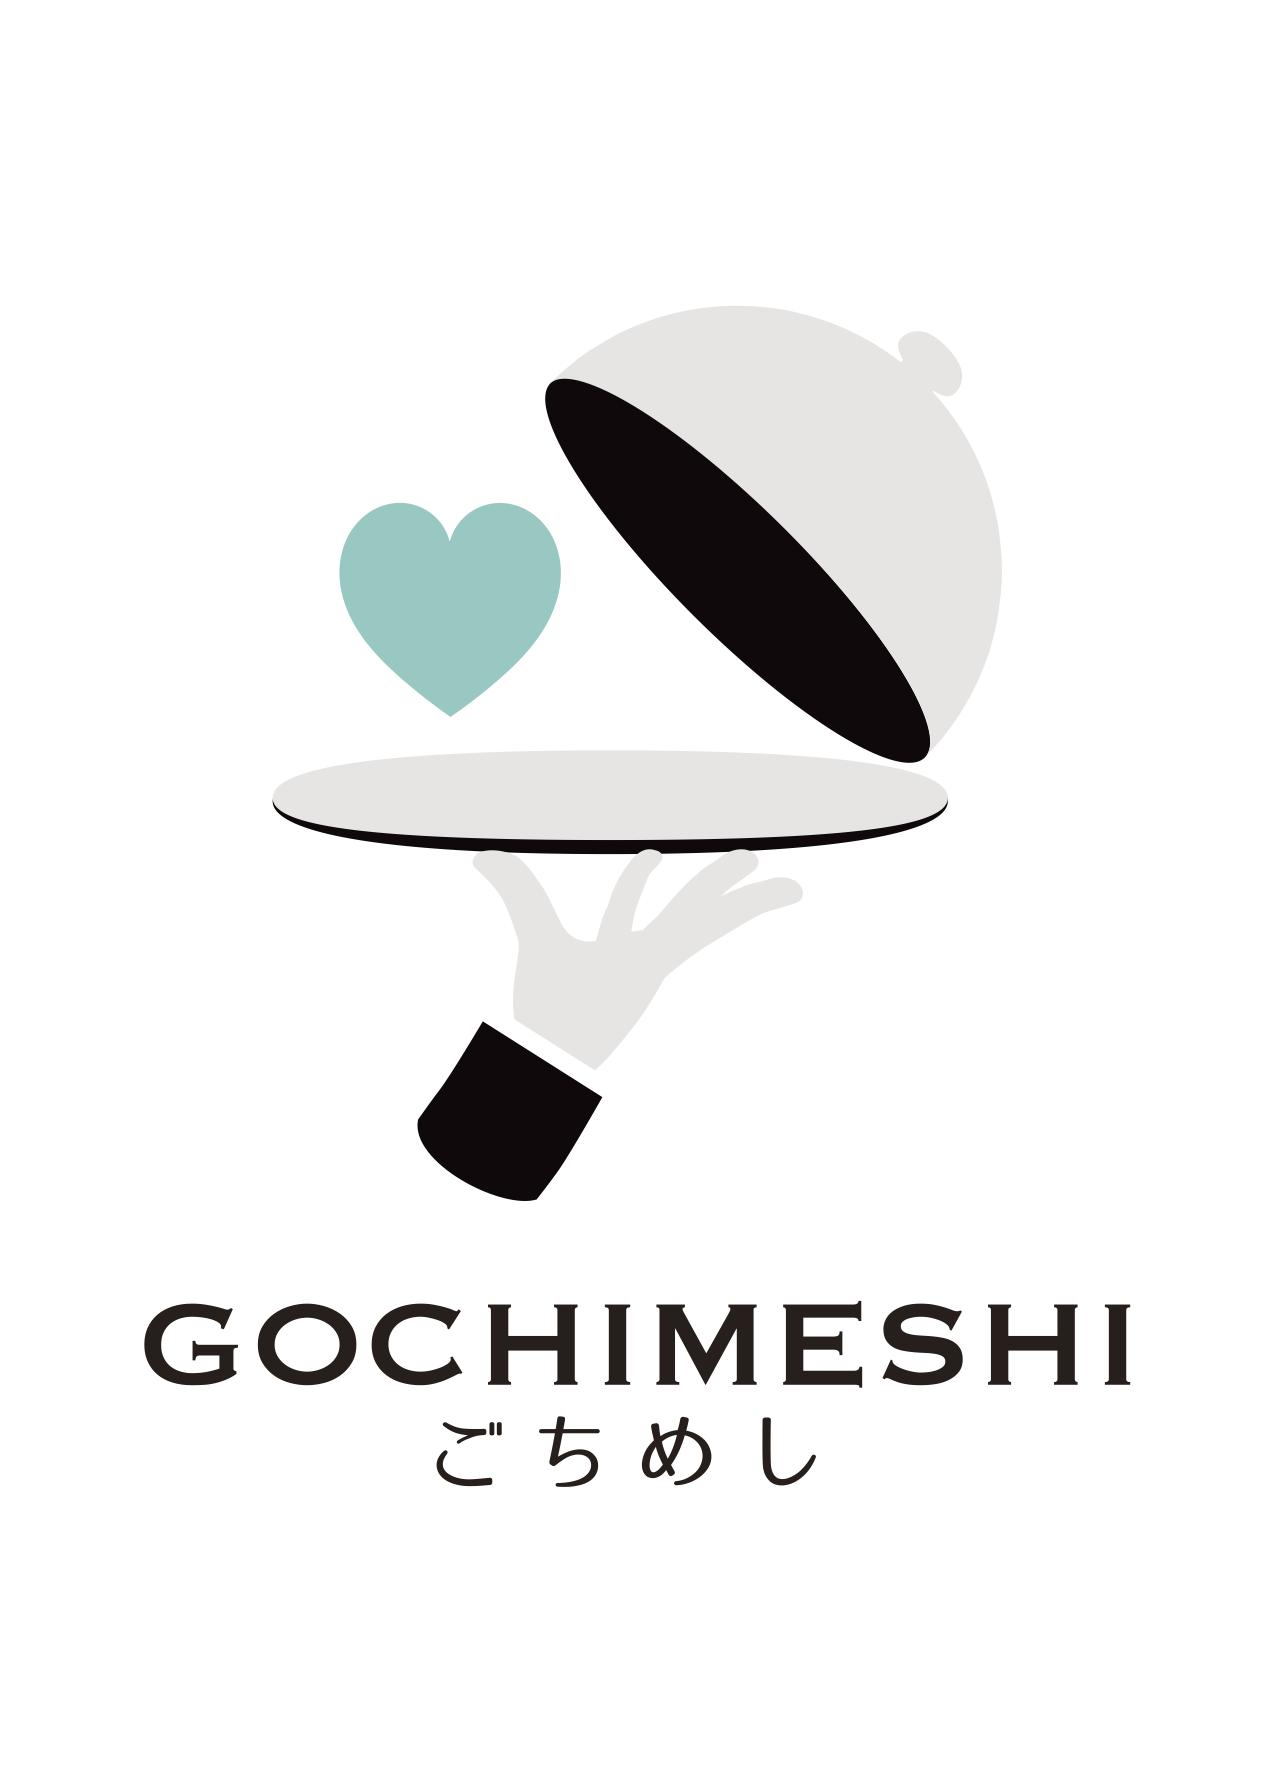 「ごちめし」 2019年10月31日(木)正式ローンチ! ~あなたの想いを、食を通じて届けます~